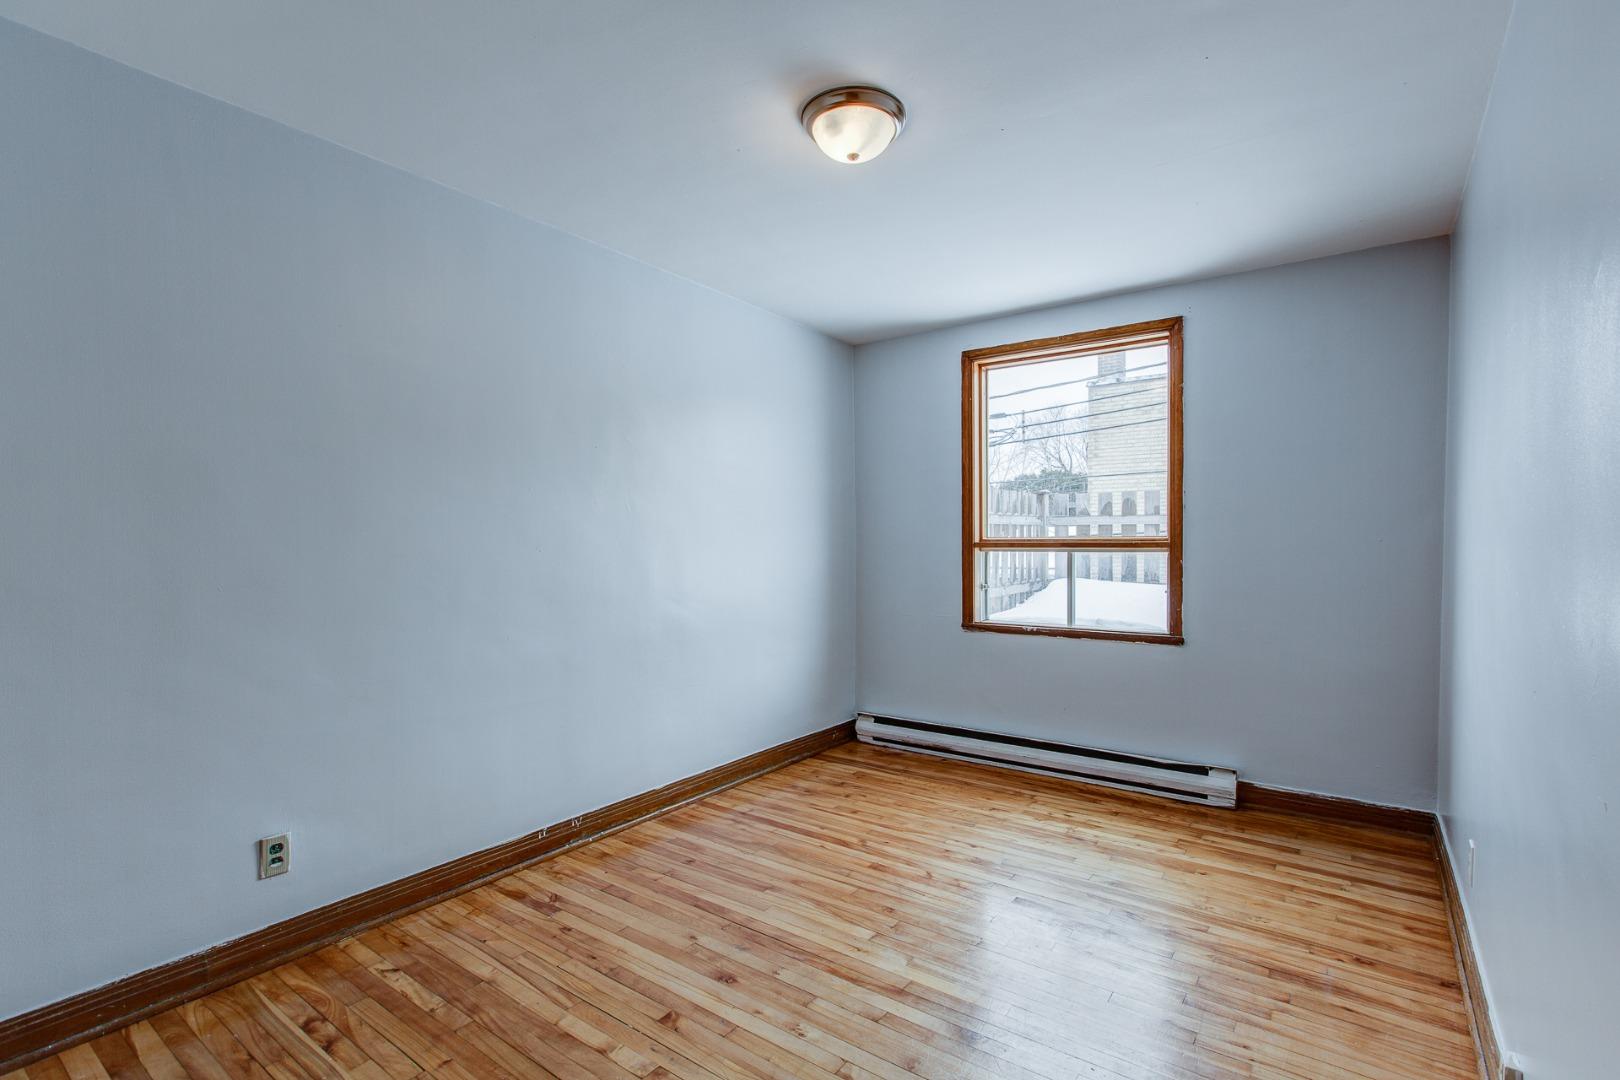 Duplex à vendre Montréal Mercier-Hochelaga-Maisonneuve - Chambre à coucher 2e niveau